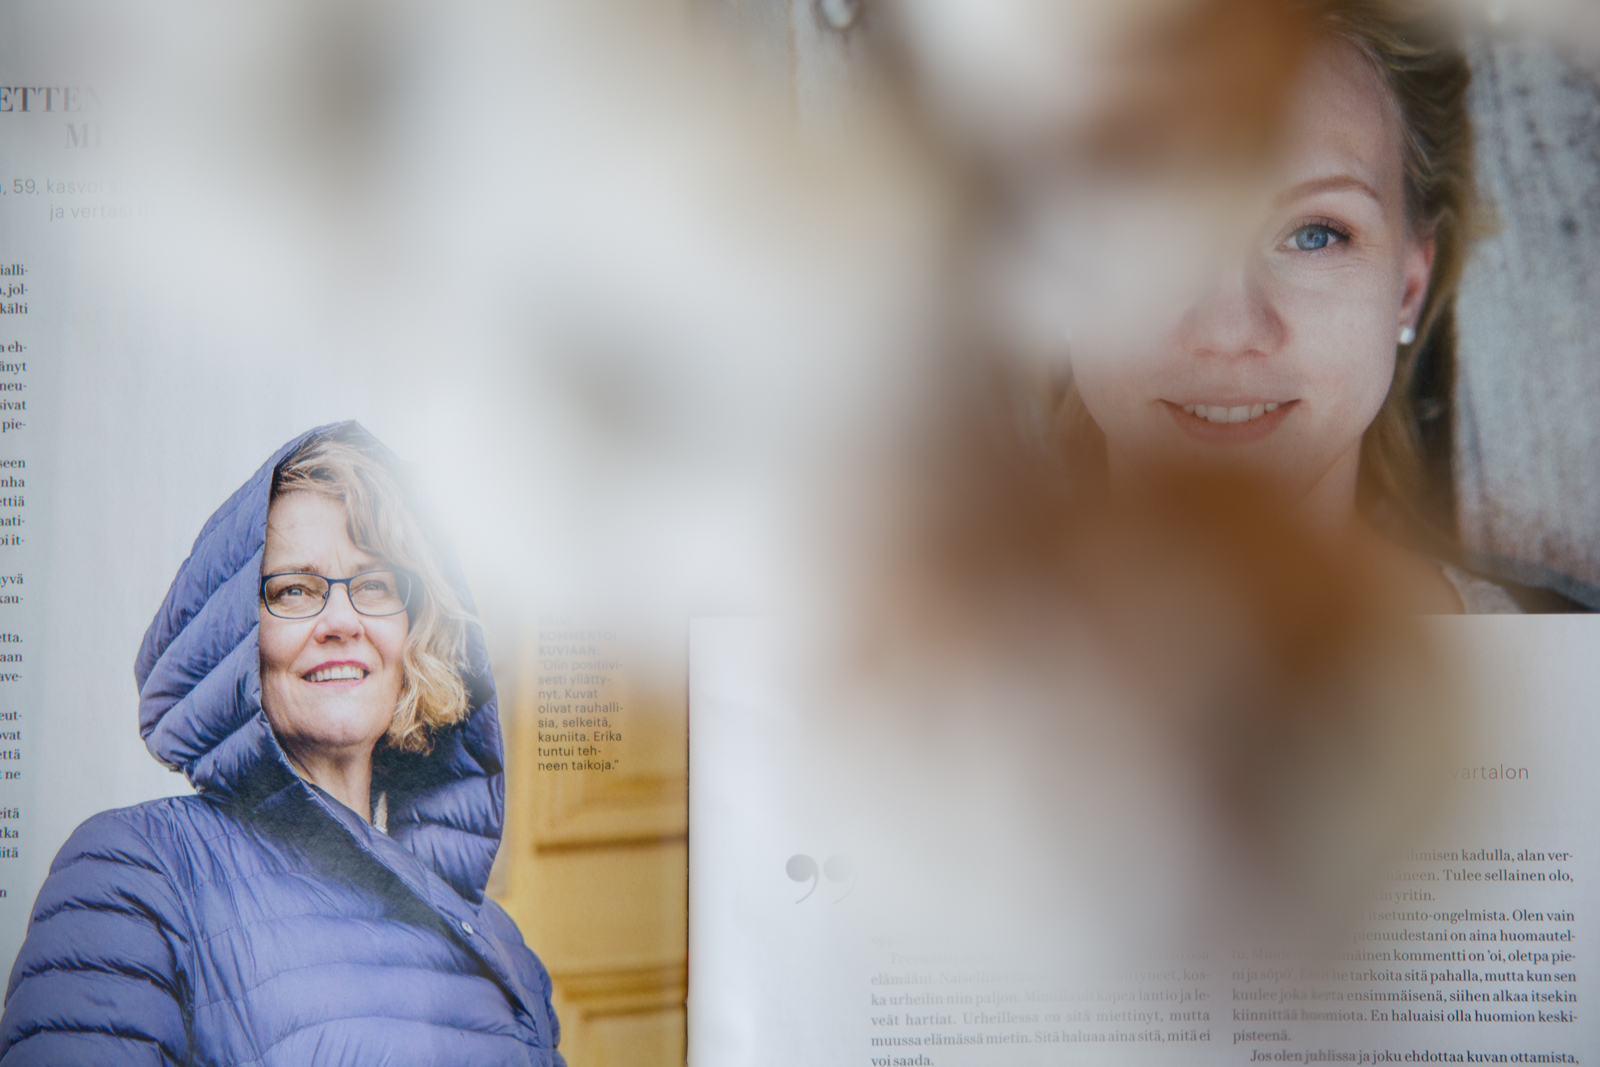 Me Naiset ja Studio Metsä Kamerakammo - Piiloutujat